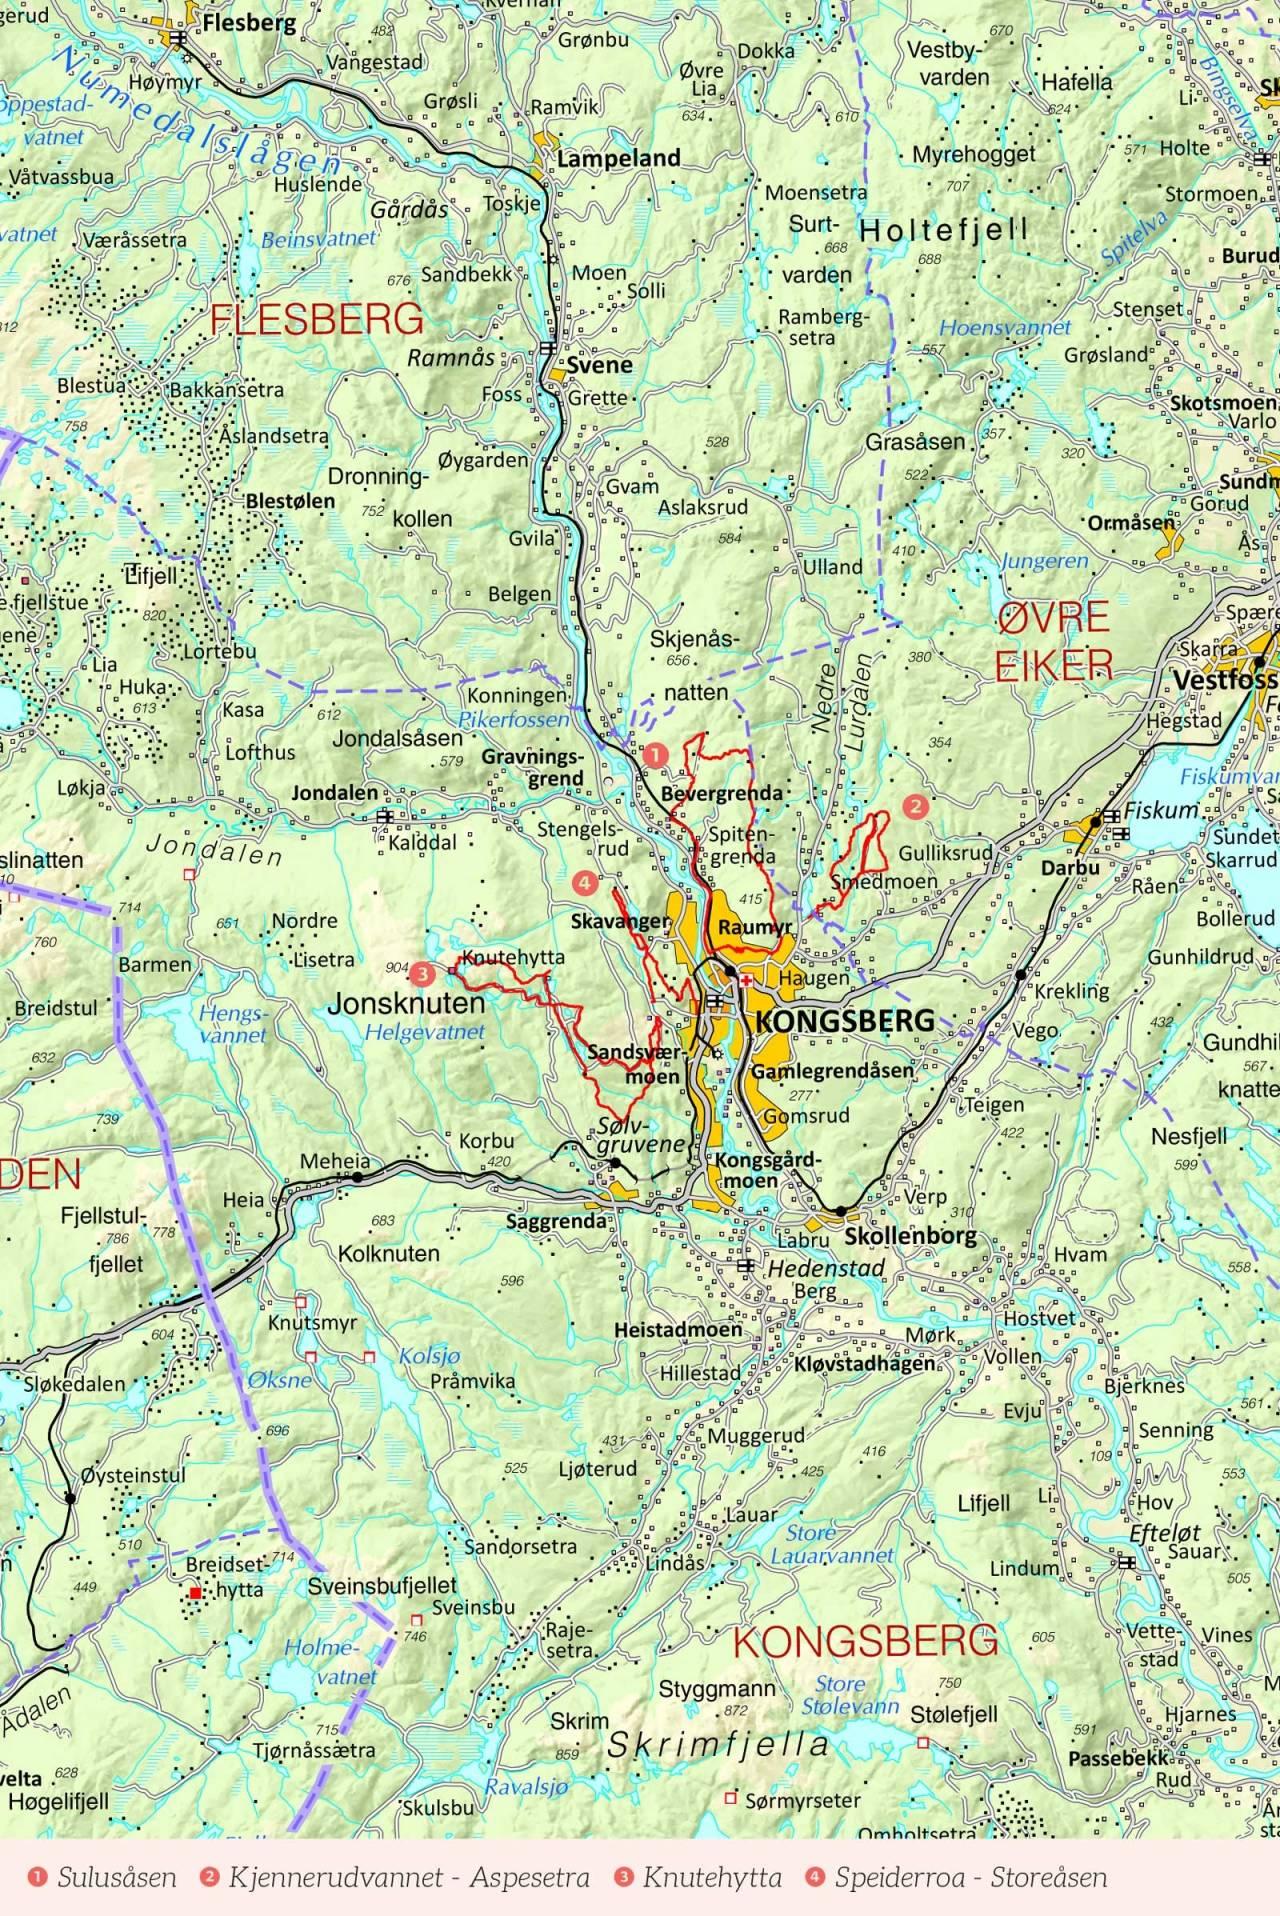 Oversiktskart over Kongsberg med inntegnet rute. Fra Stisykling i Norge.